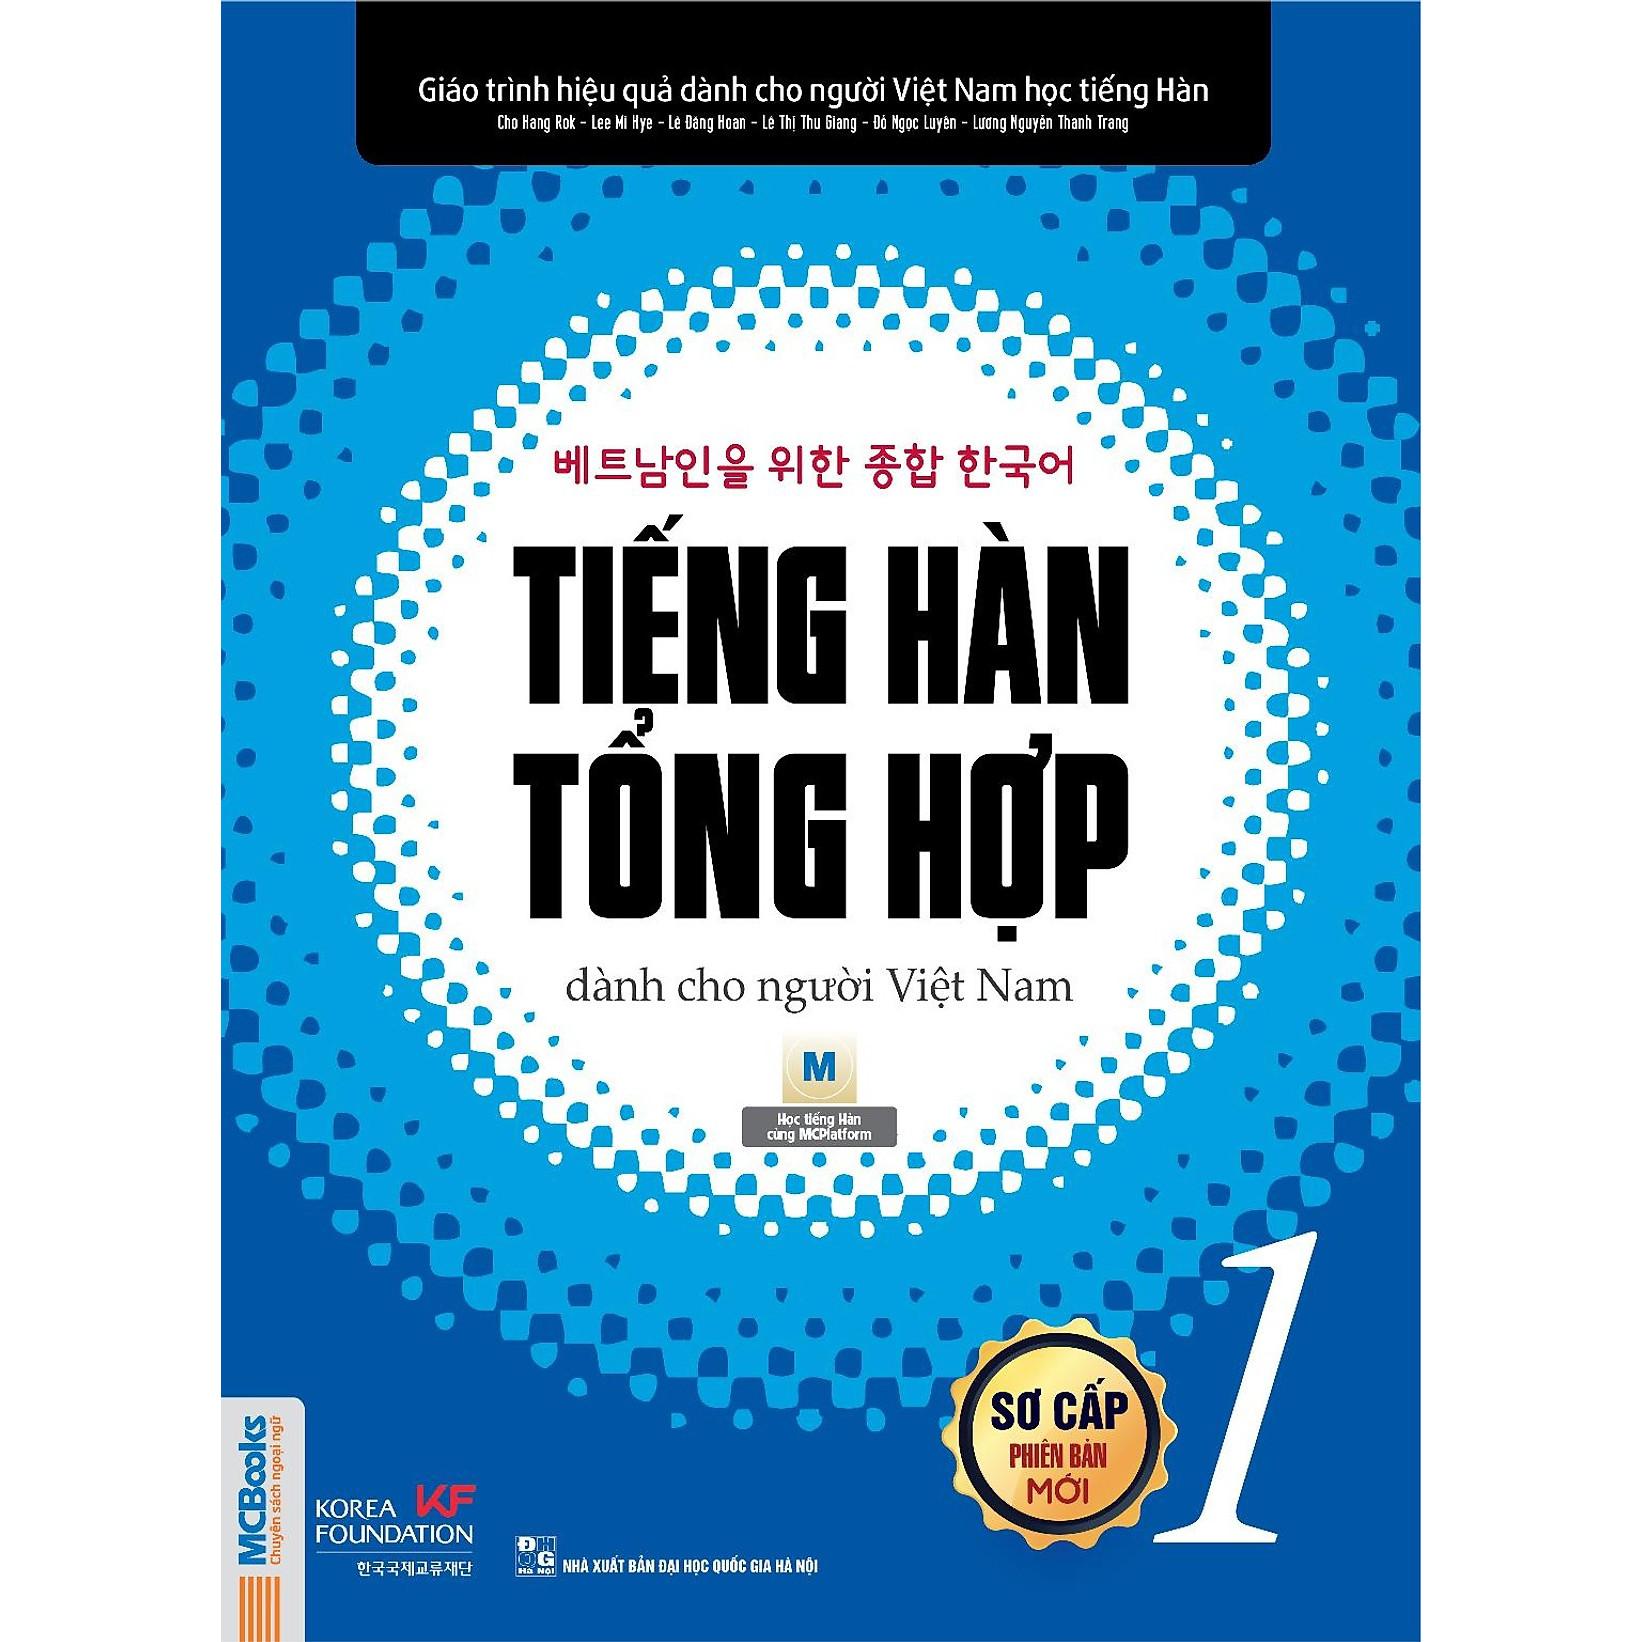 Tiếng Hàn Tổng Hợp Dành Cho Người Việt - Sơ Cấp 1 ( Bản Thường ) tặng kèm bút Galaxy